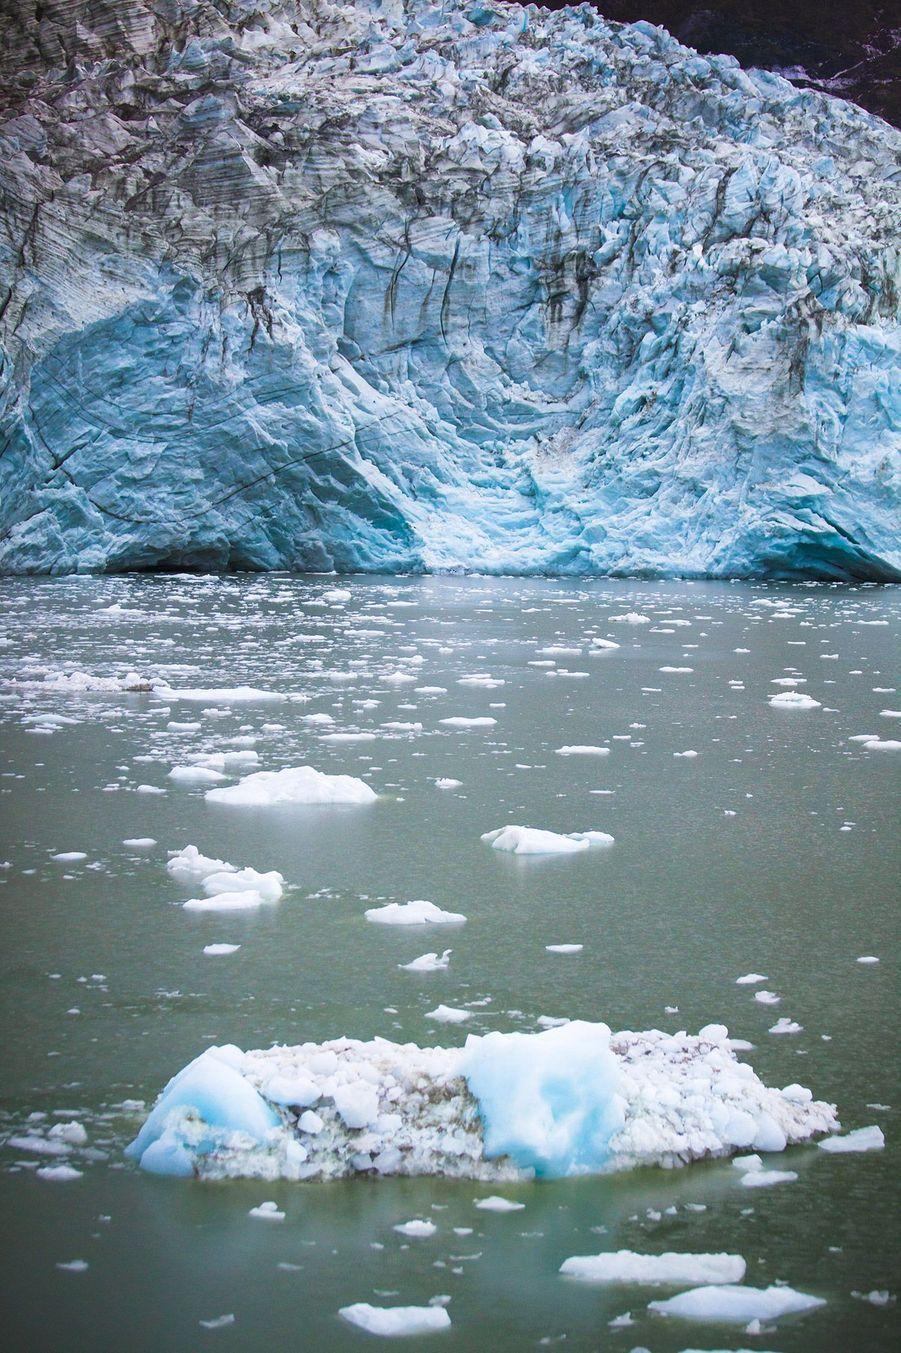 Le glacier de Pia, dans un mouvement glaciaire, éternue souvent des blocs de glace.